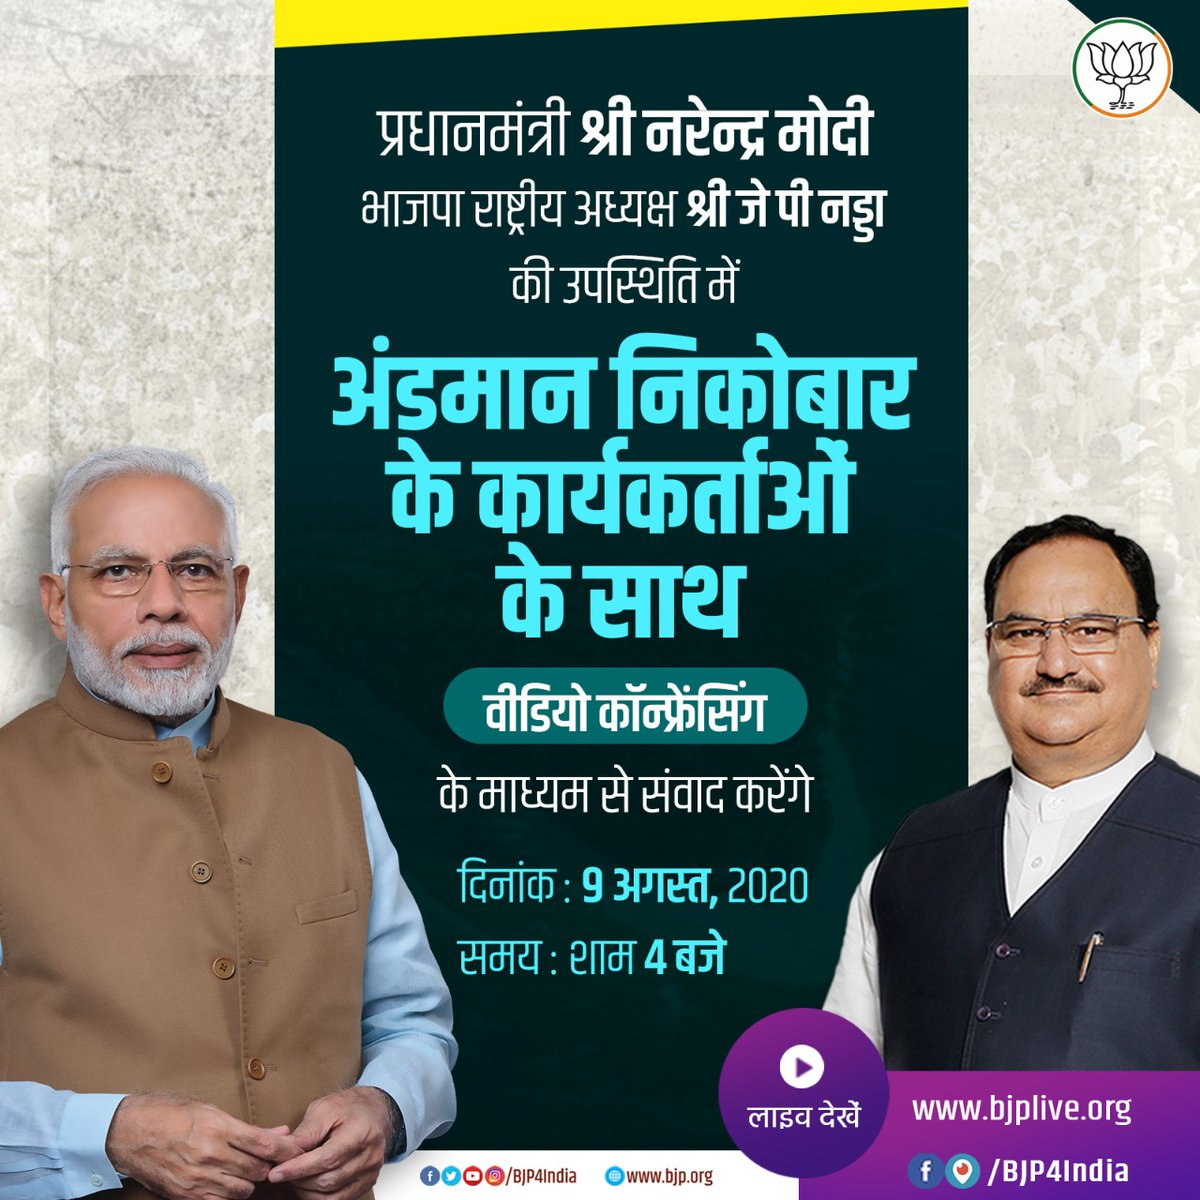 प्रधानमंत्री श्री @narendramodi भाजपा राष्ट्रीय अध्यक्ष श्री @JPNadda की उपस्थिति में 9 अगस्त, 2020 को @BJP4AnN के कार्यकर्ताओं के साथ वीडियो कॉन्फ्रेंसिंग के माध्यम से संवाद करेंगे। https://t.co/HNSh7pjzca